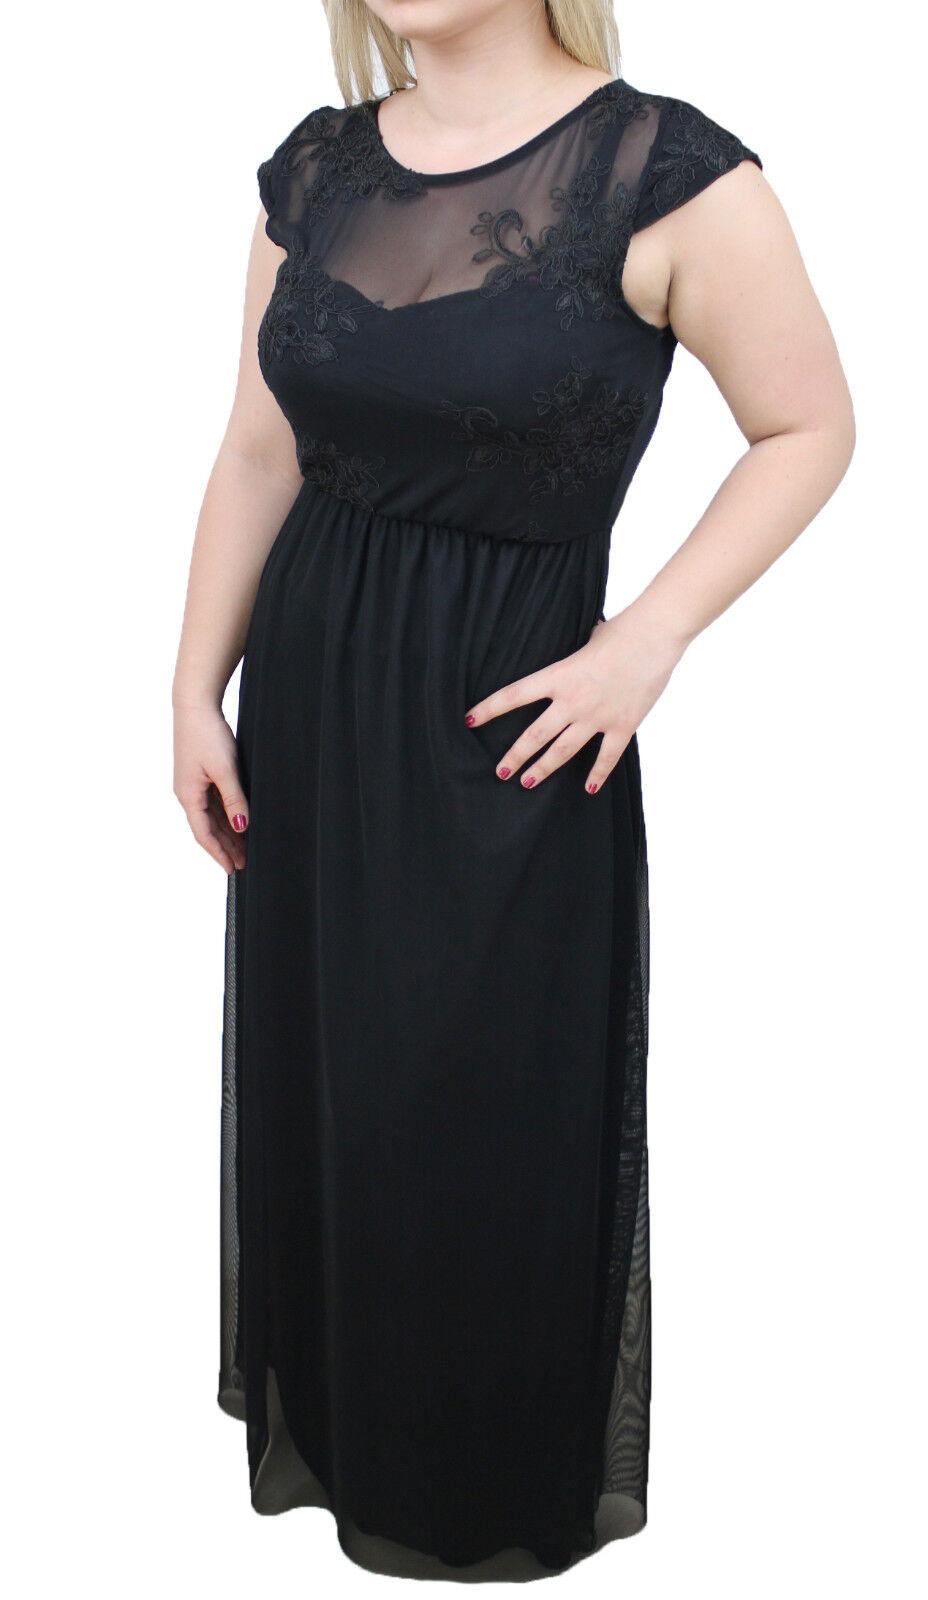 3223 - Kleid Frau schwarz elegante Zeremonie Braut lang aus Spitze